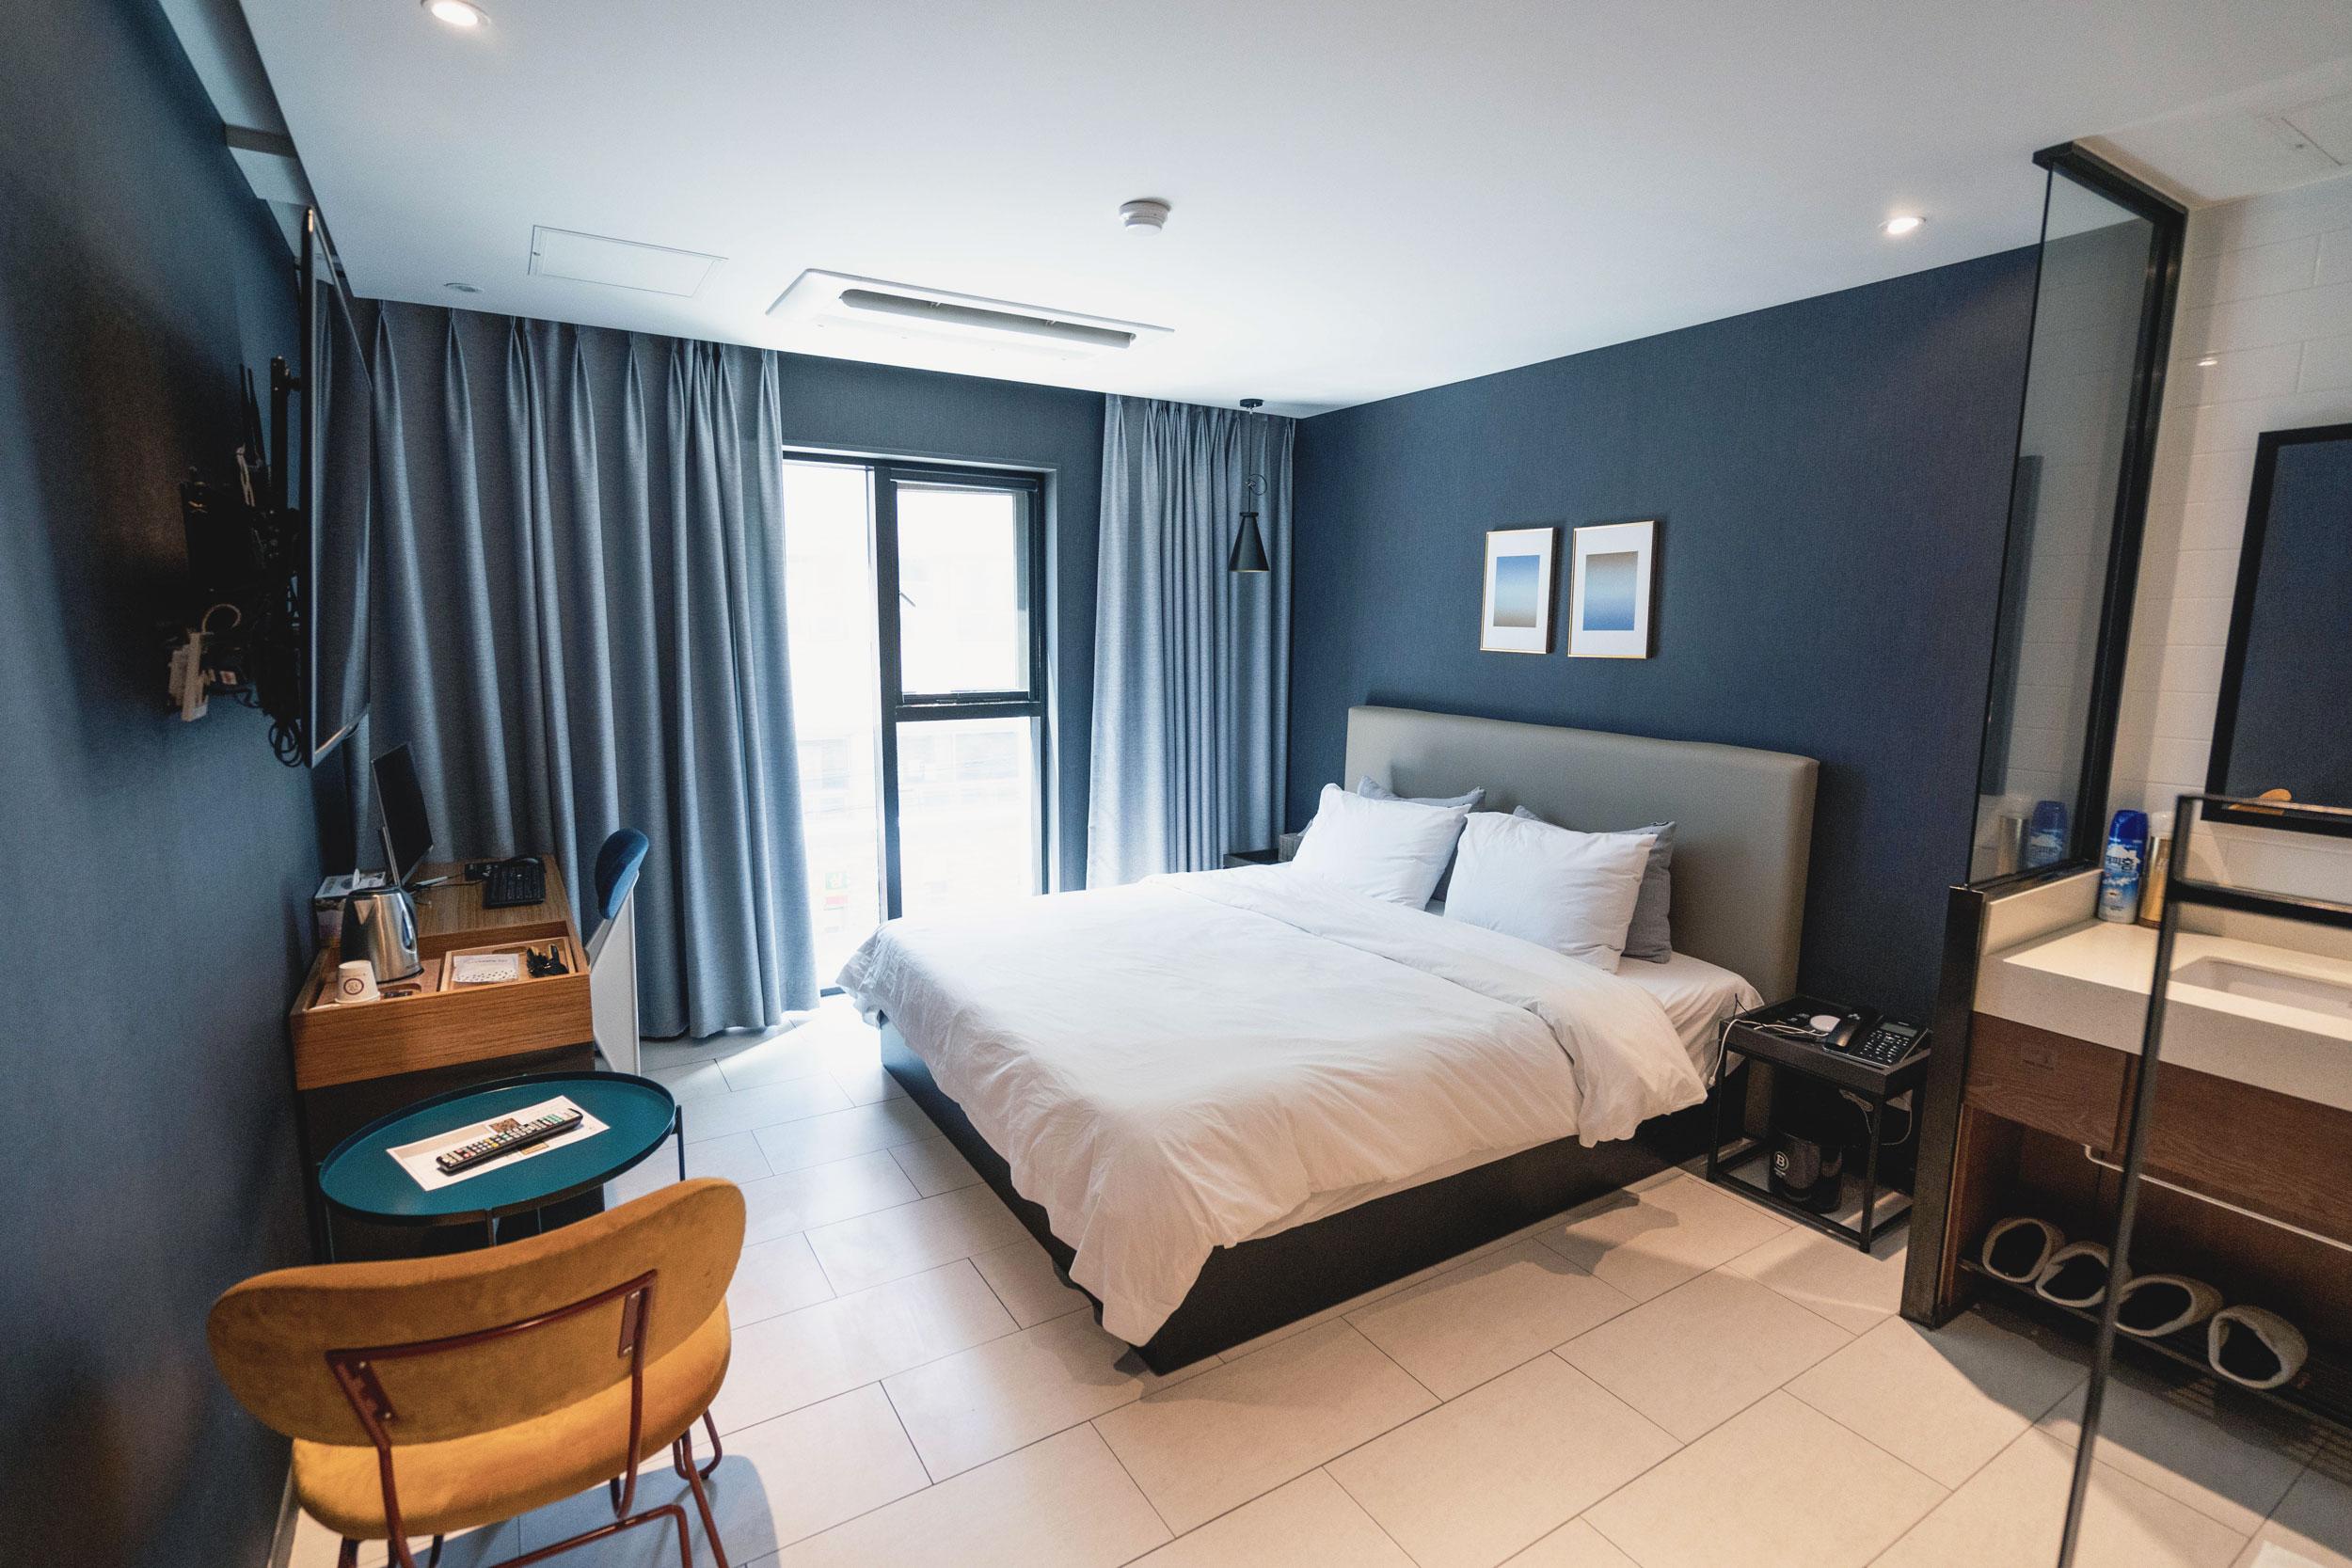 Room at the Brown Dot Hotel Seomyeong